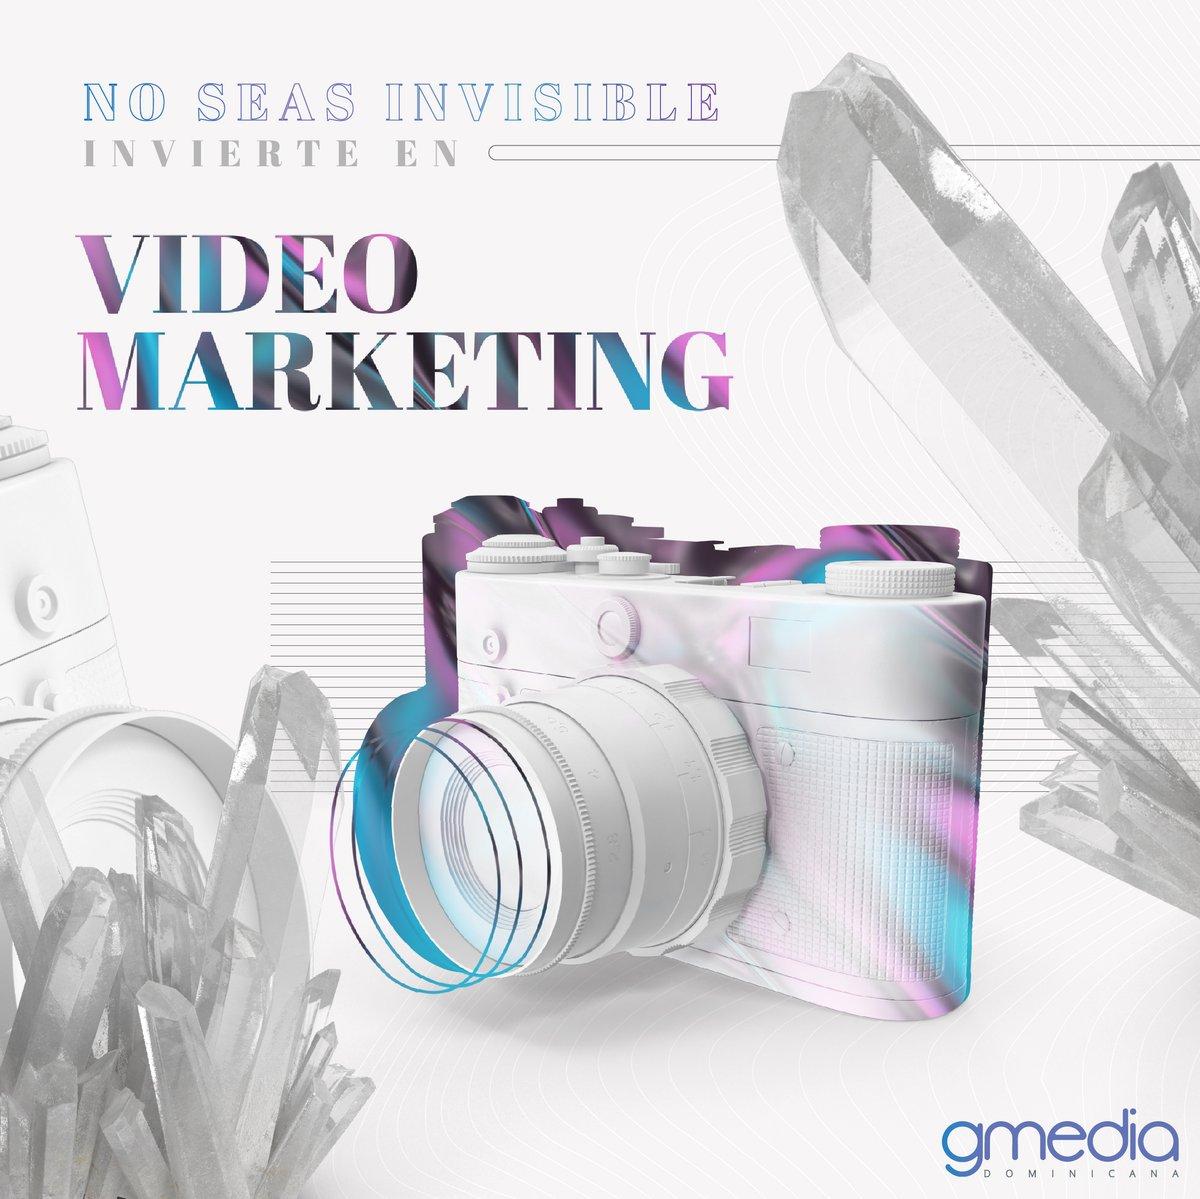 Capta la atención de tus clientes potenciales con mensajes dinámicos y únicos, hechos a tu medida. ¡Dale PLAY al éxito!  Video Marketing  Coberturas  Institucional  El poder está en tus manos… no elijas la invisibilidad. #MotionGraphics #VideoMarketingpic.twitter.com/ix5aGmX3FN